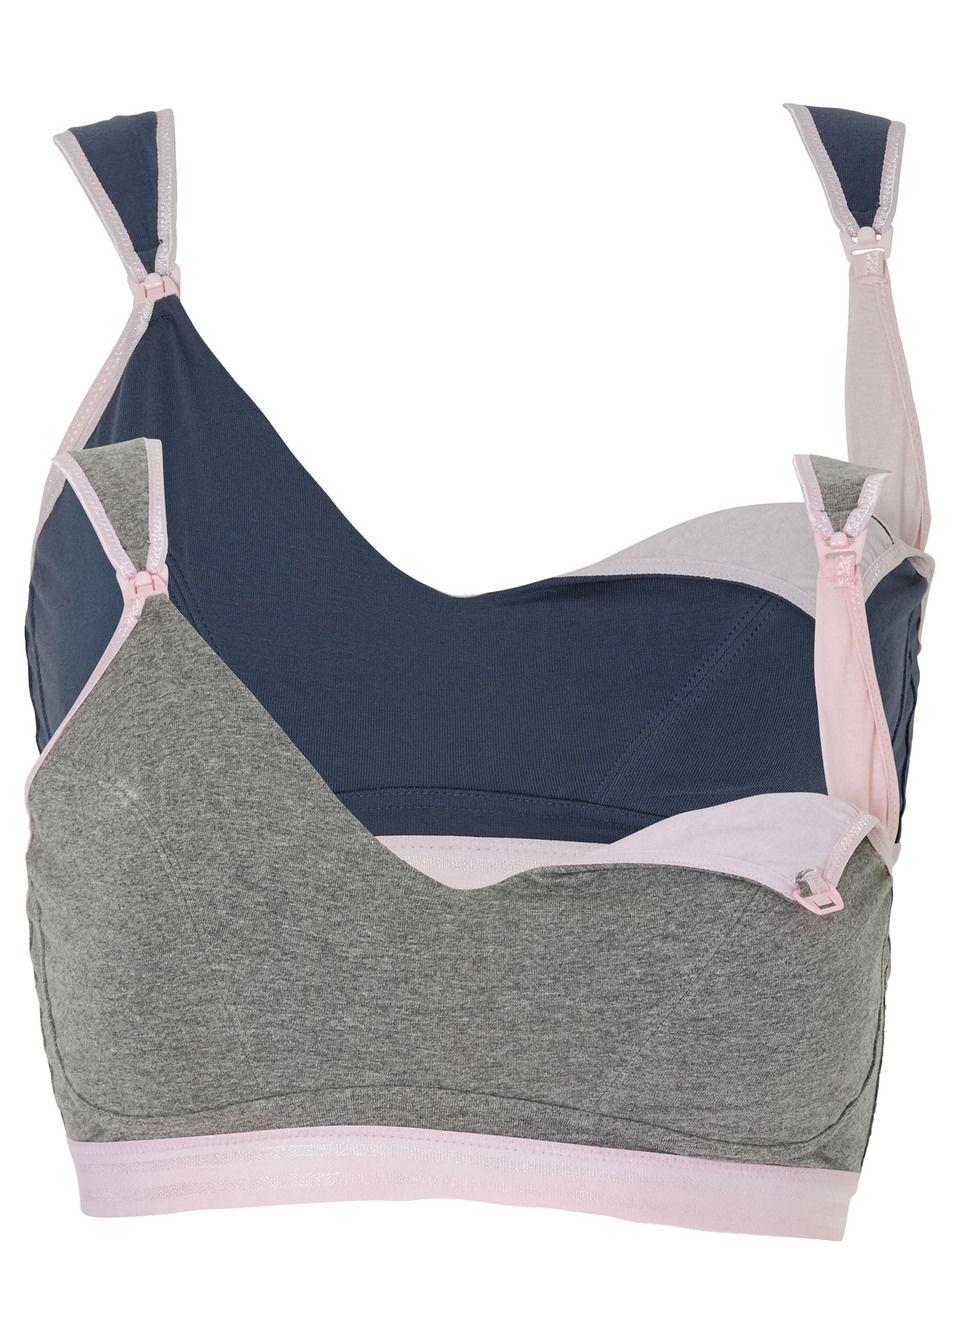 Фото - Бюстгальтер для кормления от bonprix цвет серый меланж/розовый + синий/розовый